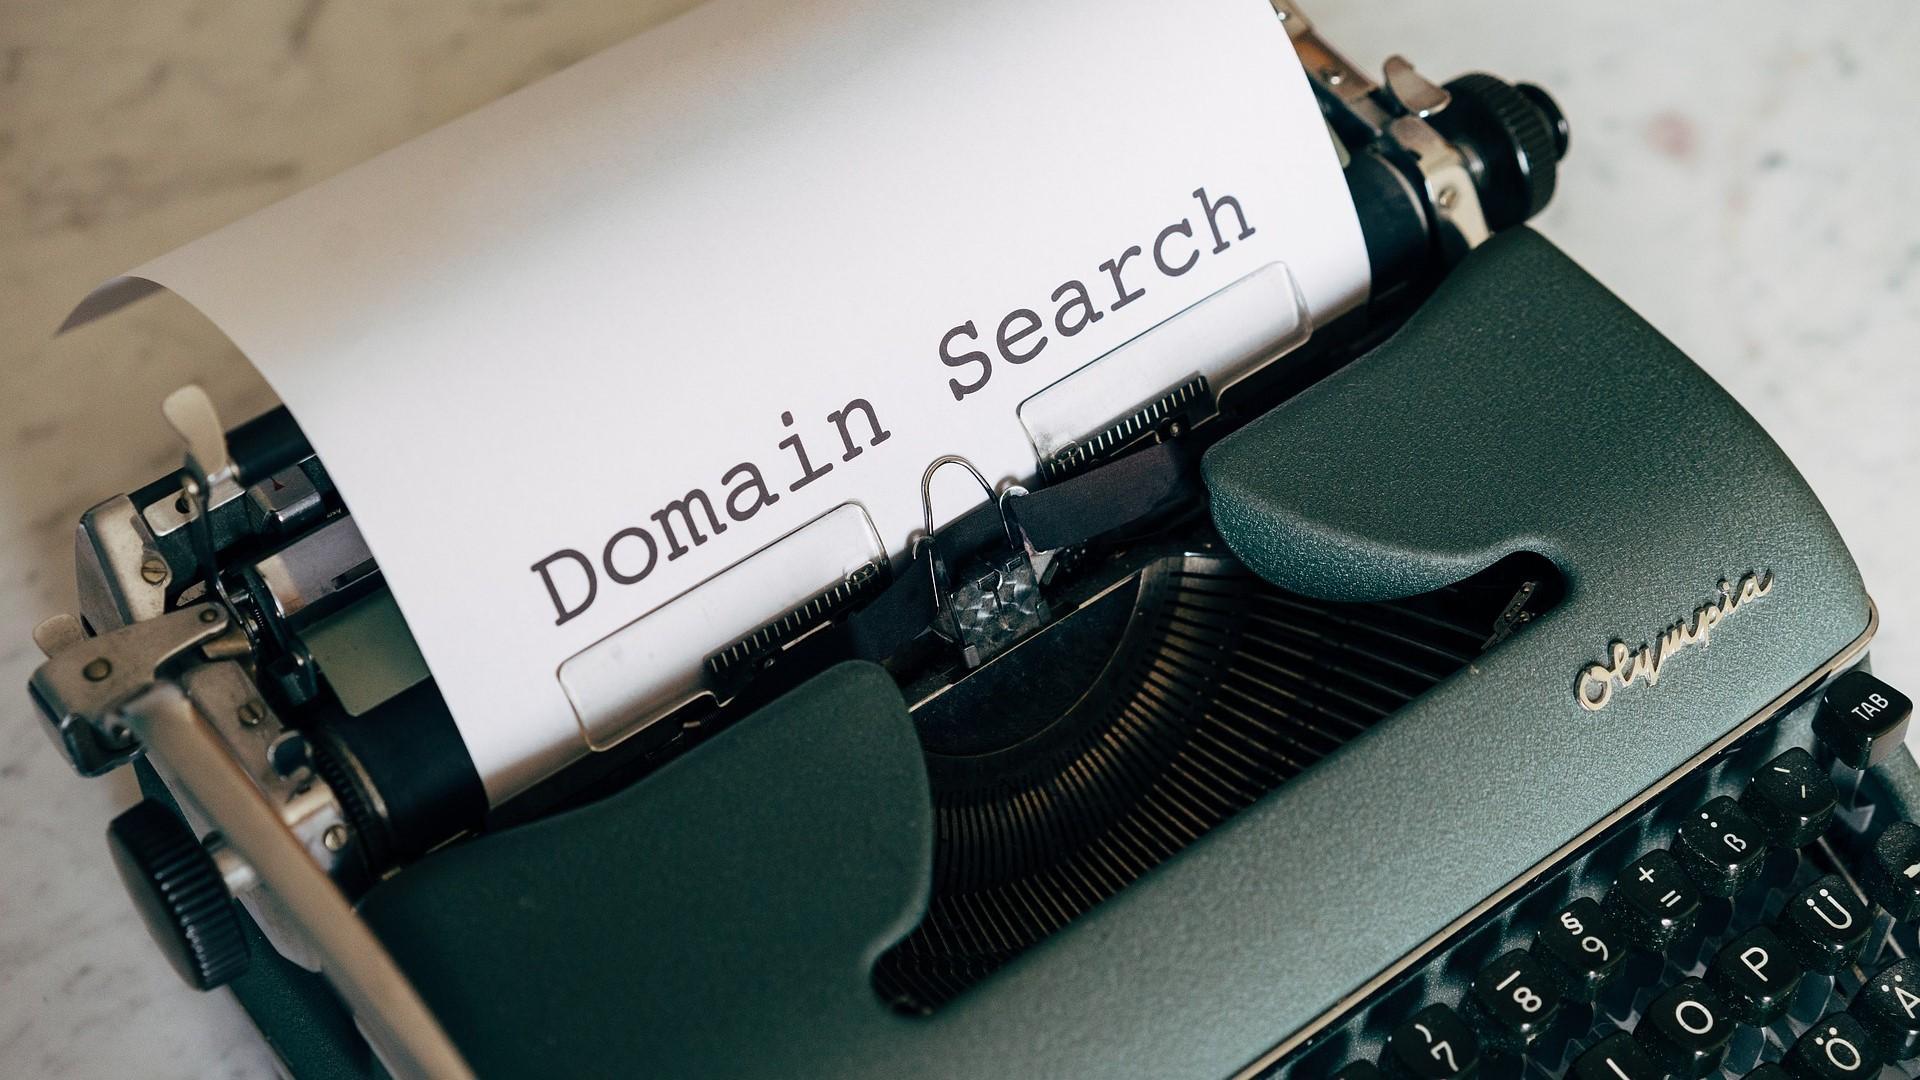 Der Auth-Code ist notwendig für Domain-Umzug.